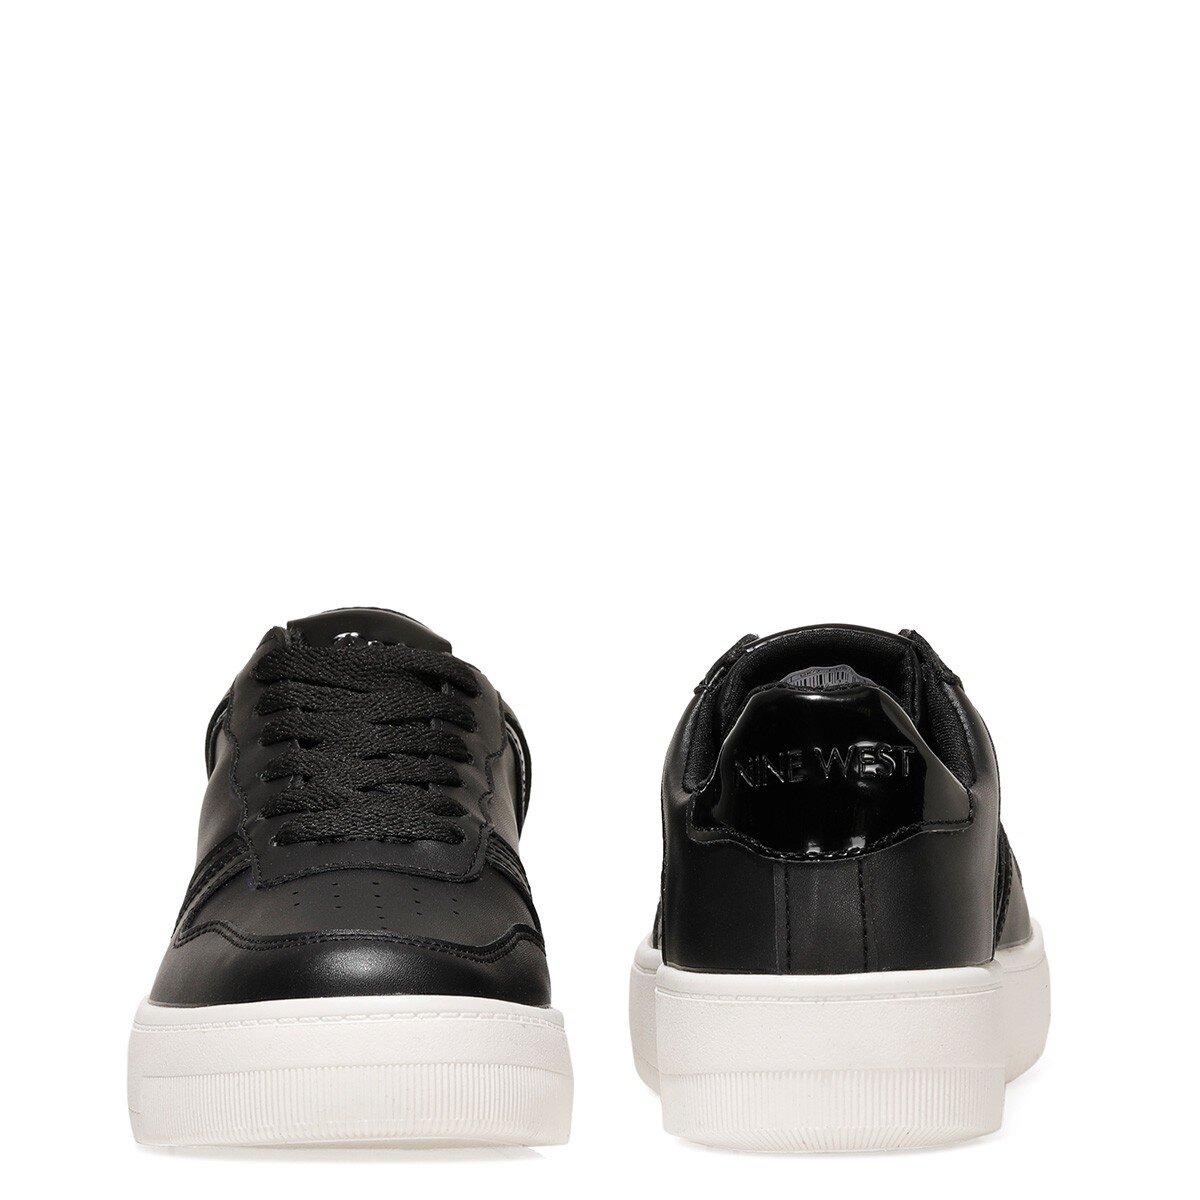 MOSHPIT3 1FX Siyah Kadın Spor Ayakkabı